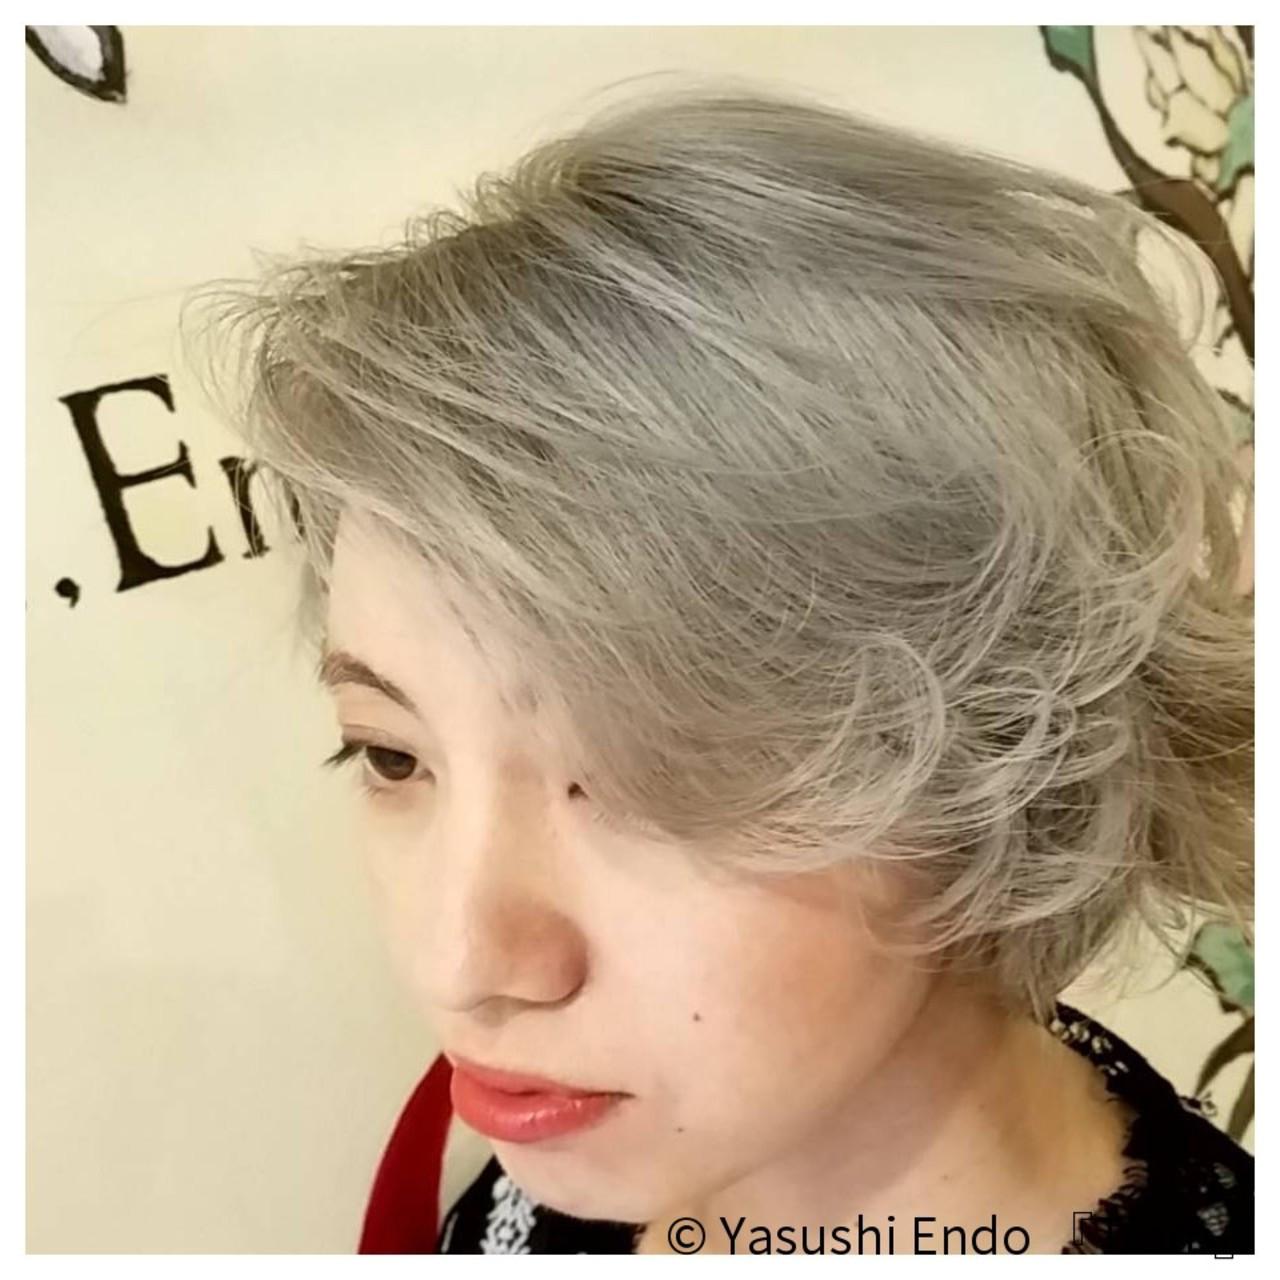 外国人風になるボブのハイトーングレージュ Yasushi Endo 『Tiam』Tiam Hair 弘明寺